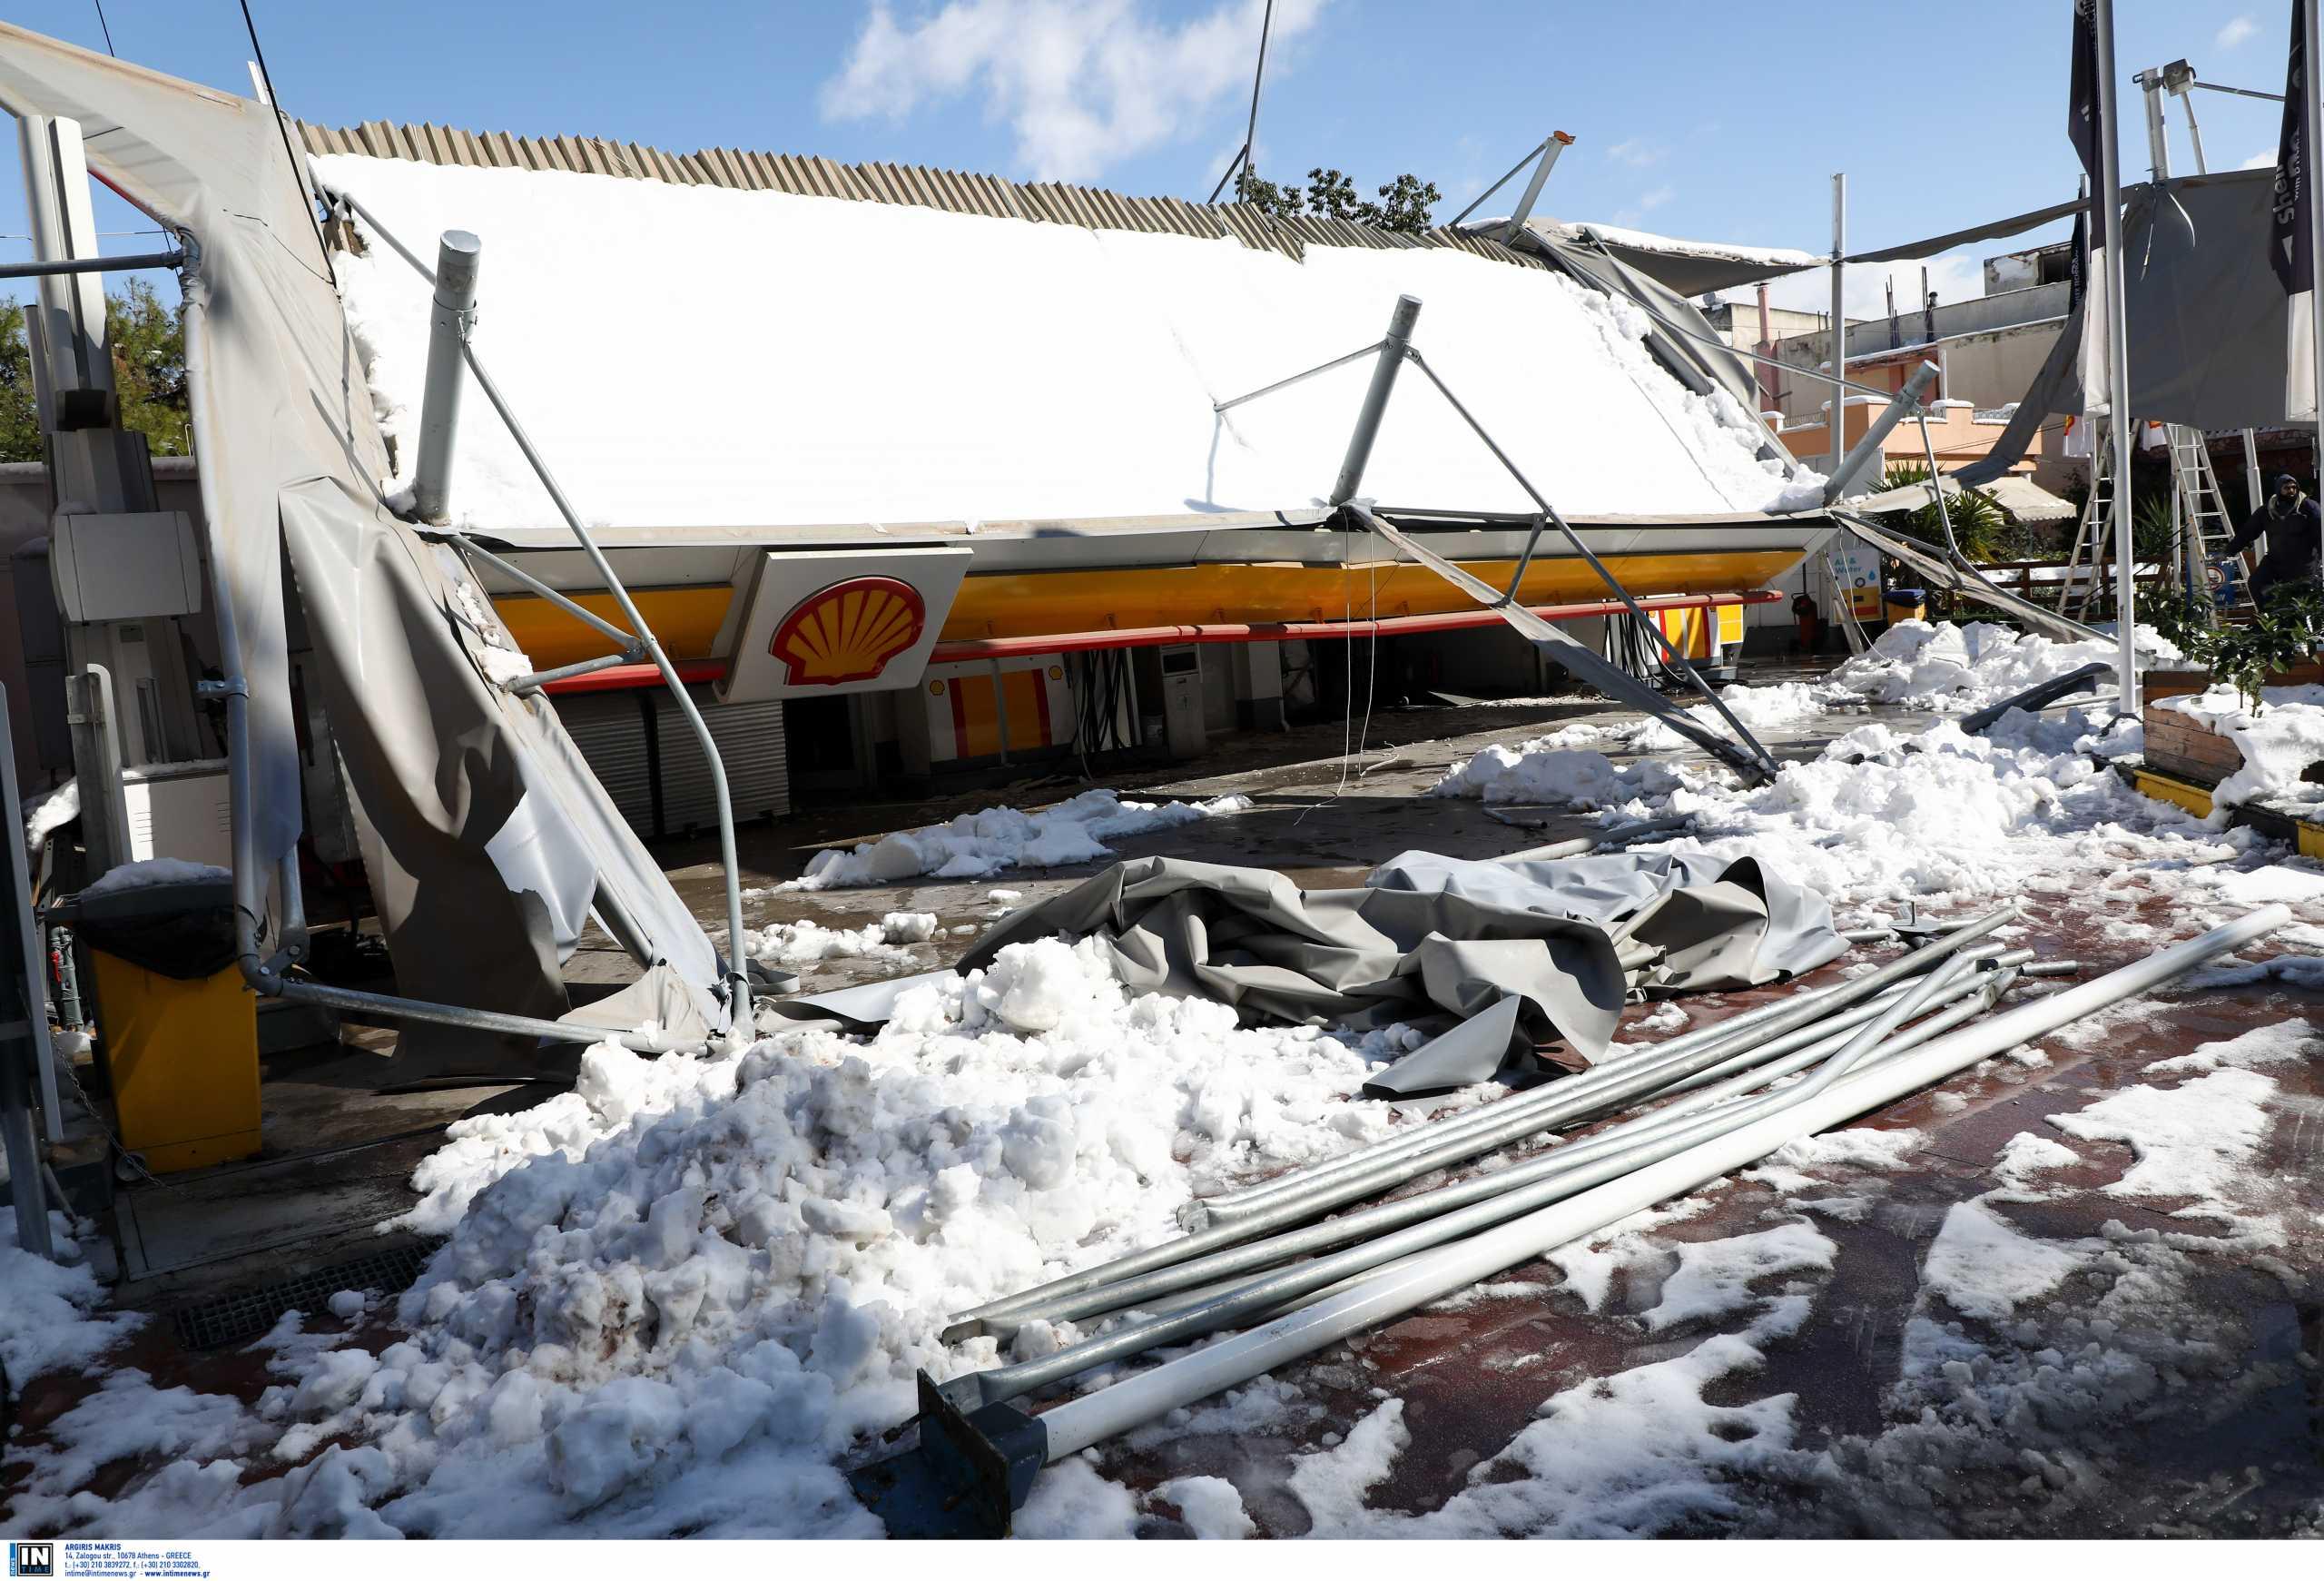 Χαϊδάρι: Κατέρρευσε από το χιόνι στέγαστρο βενζινάδικου